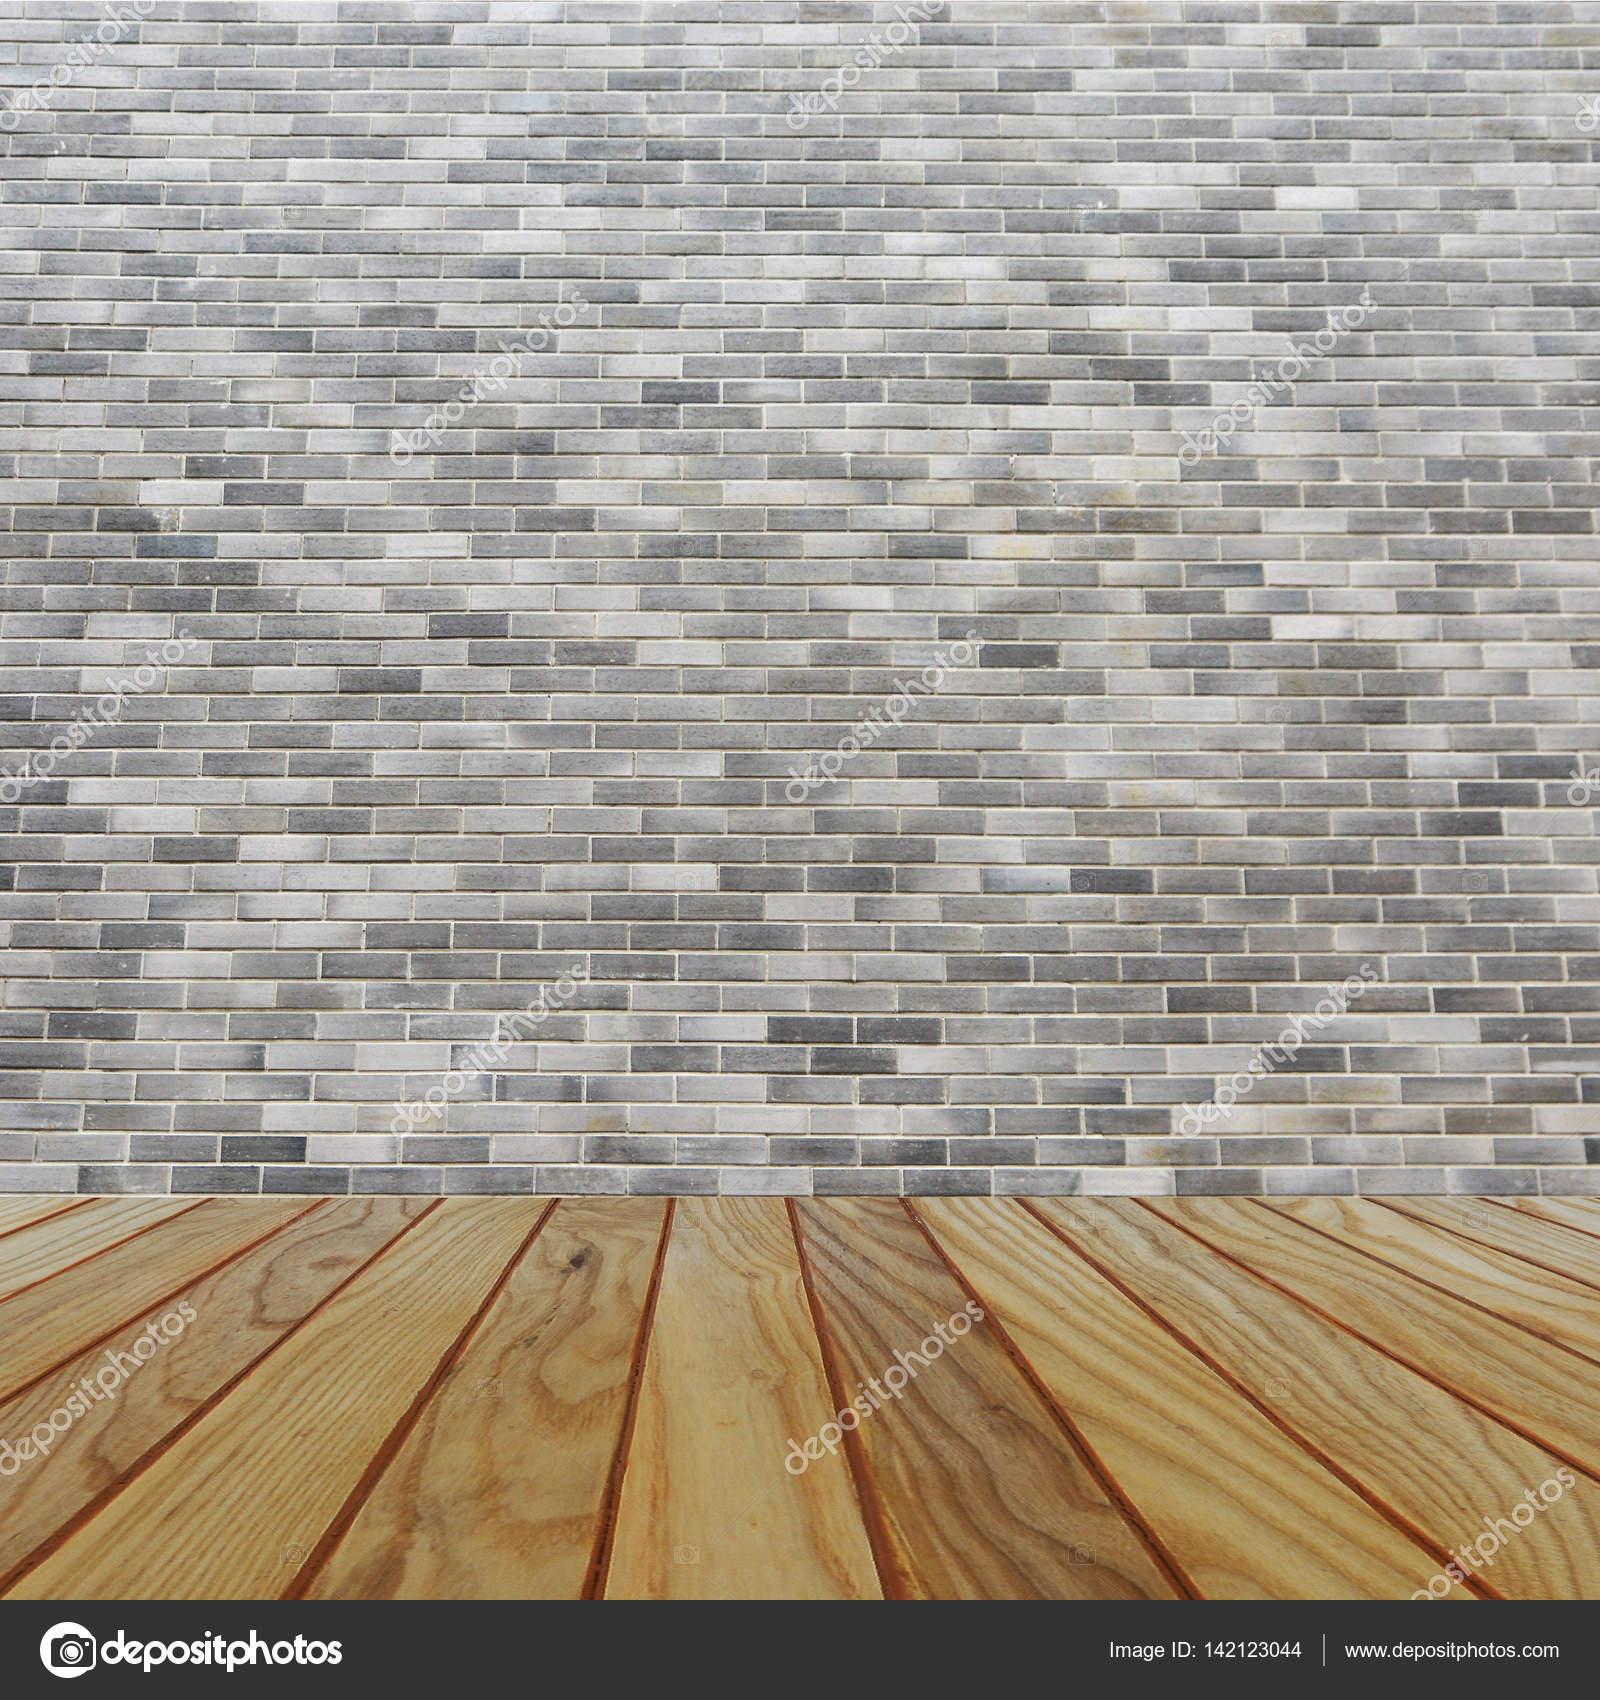 Zimmer Innen Jahrgang Mit Grauen Ziegel Wand Und Holz Boden Hintergrund U2014  Stockfoto